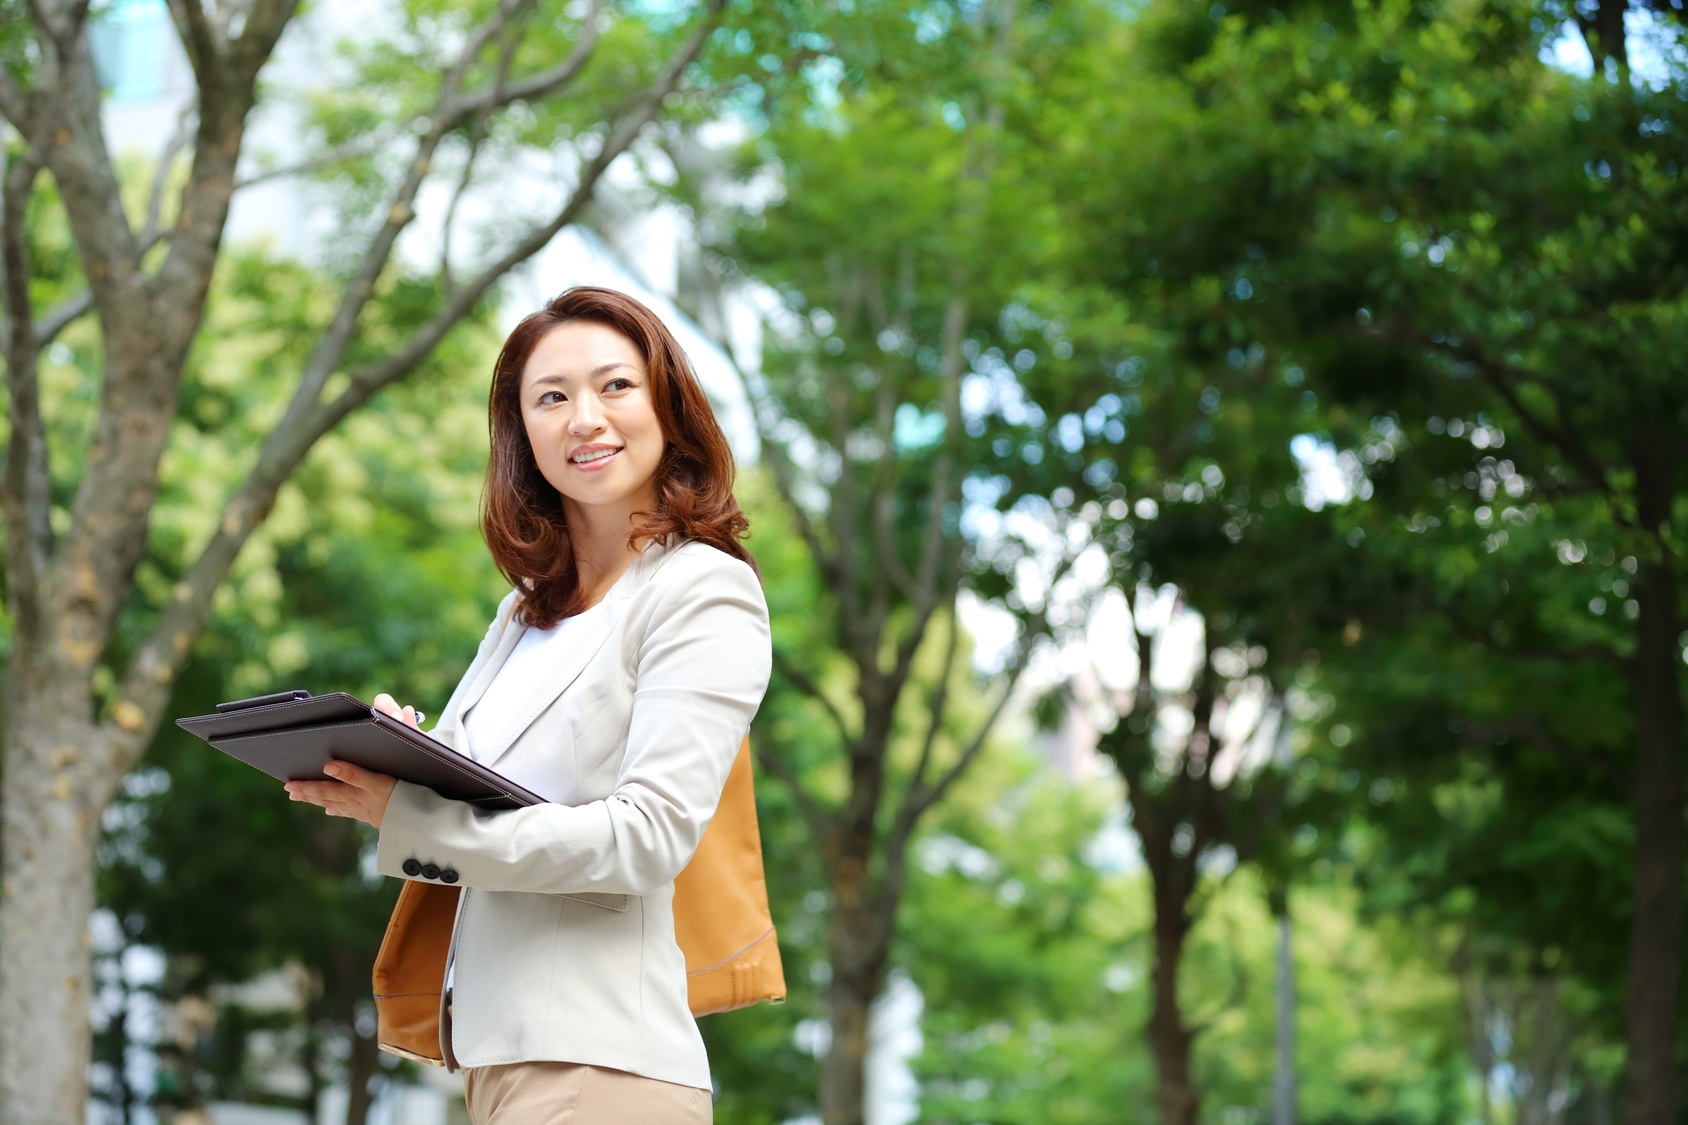 于日本的取得的成就和特点